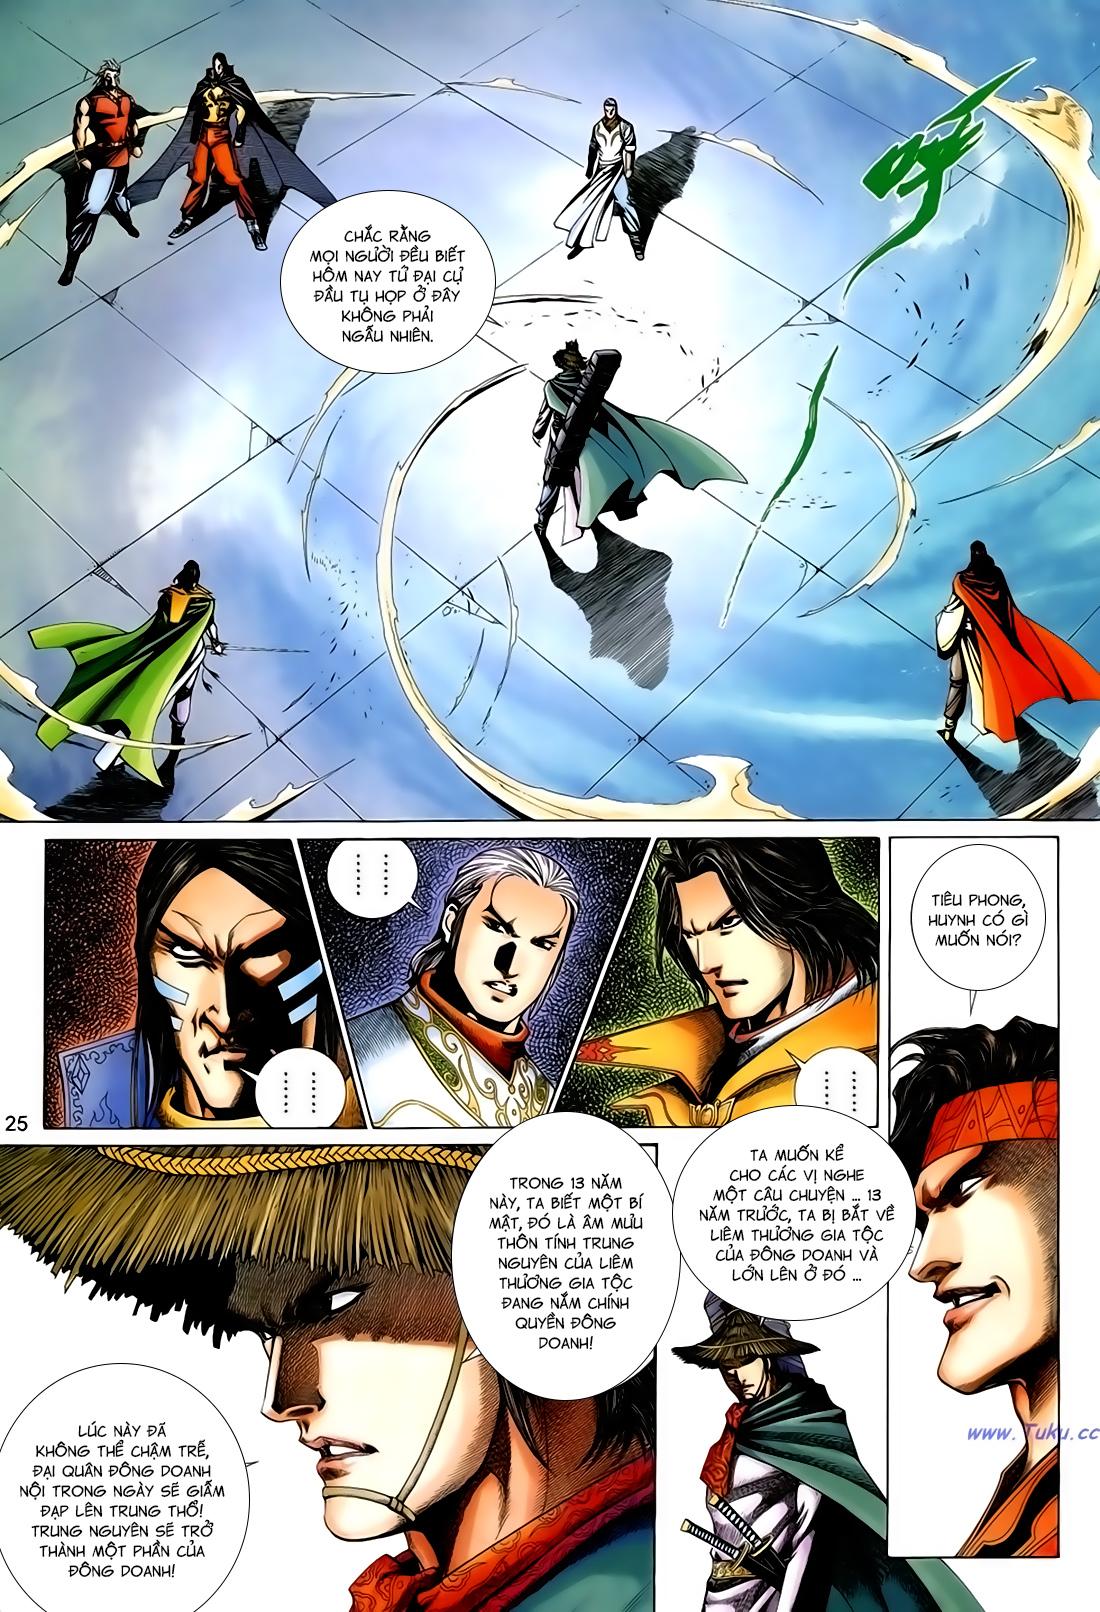 Anh Hùng Vô Lệ Chapter 166 - BigTruyen.net